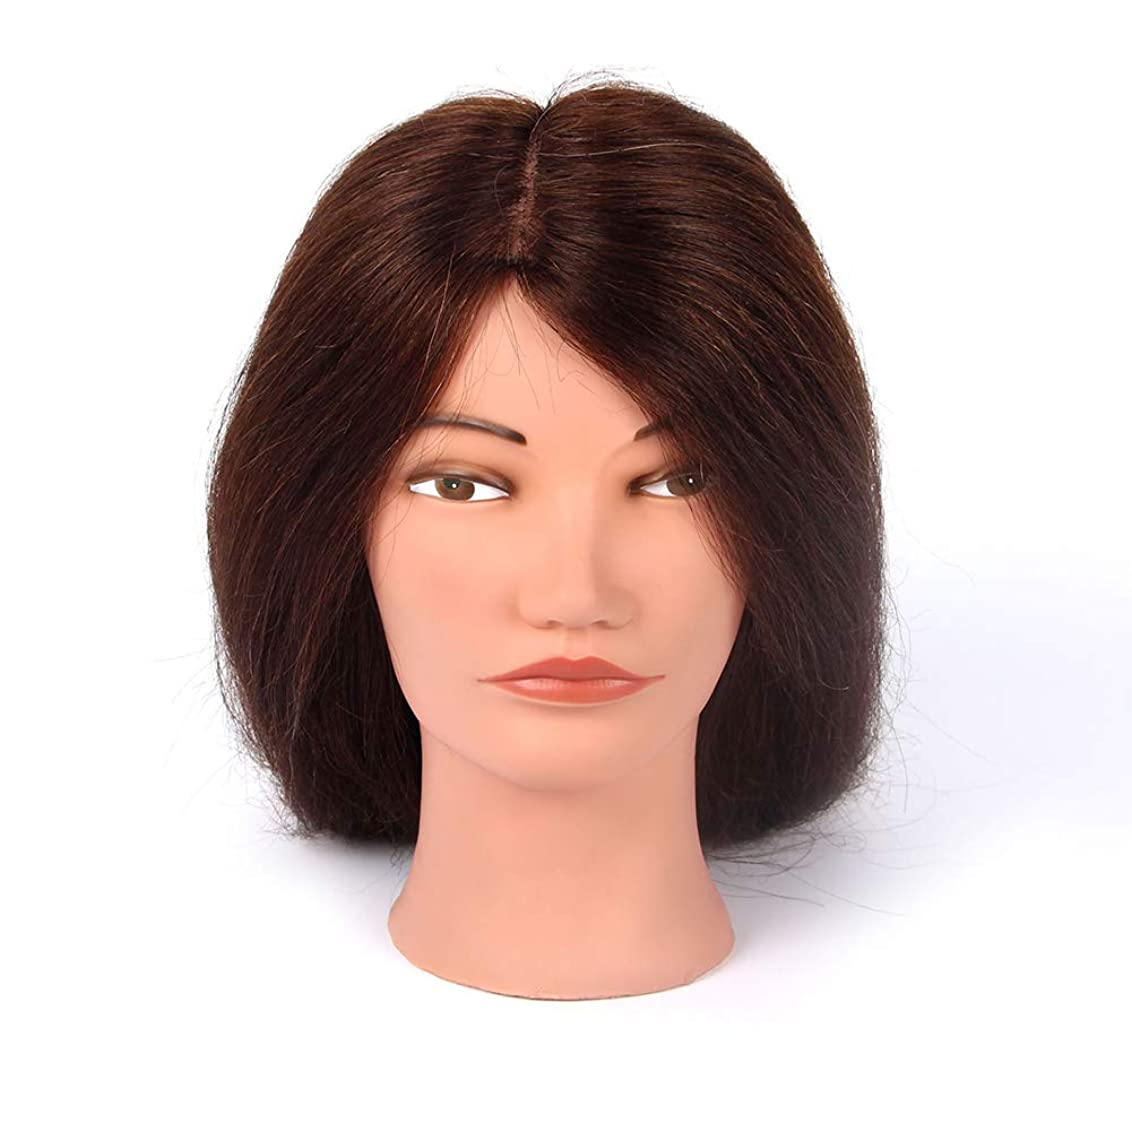 アンケート時々ドア理髪練習ヘッド吹くホットロールダミーヘッドパーマ髪の染め指導ヘッドメイクアップヘアスタイリングモデルヘッド